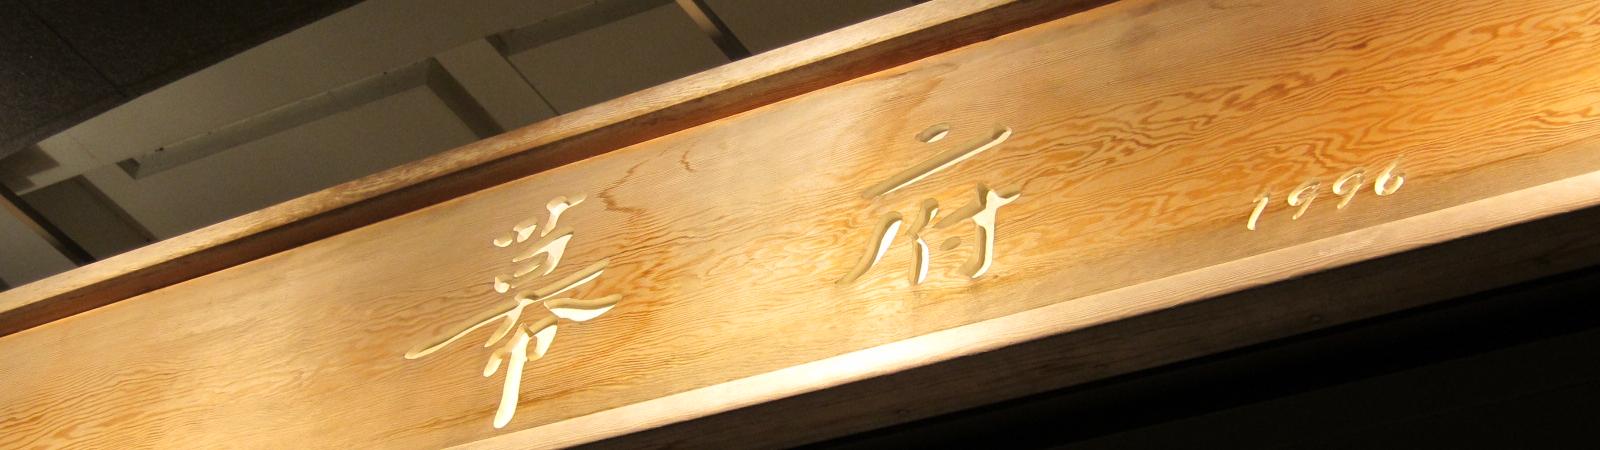 食記 高雄 幕府壽司